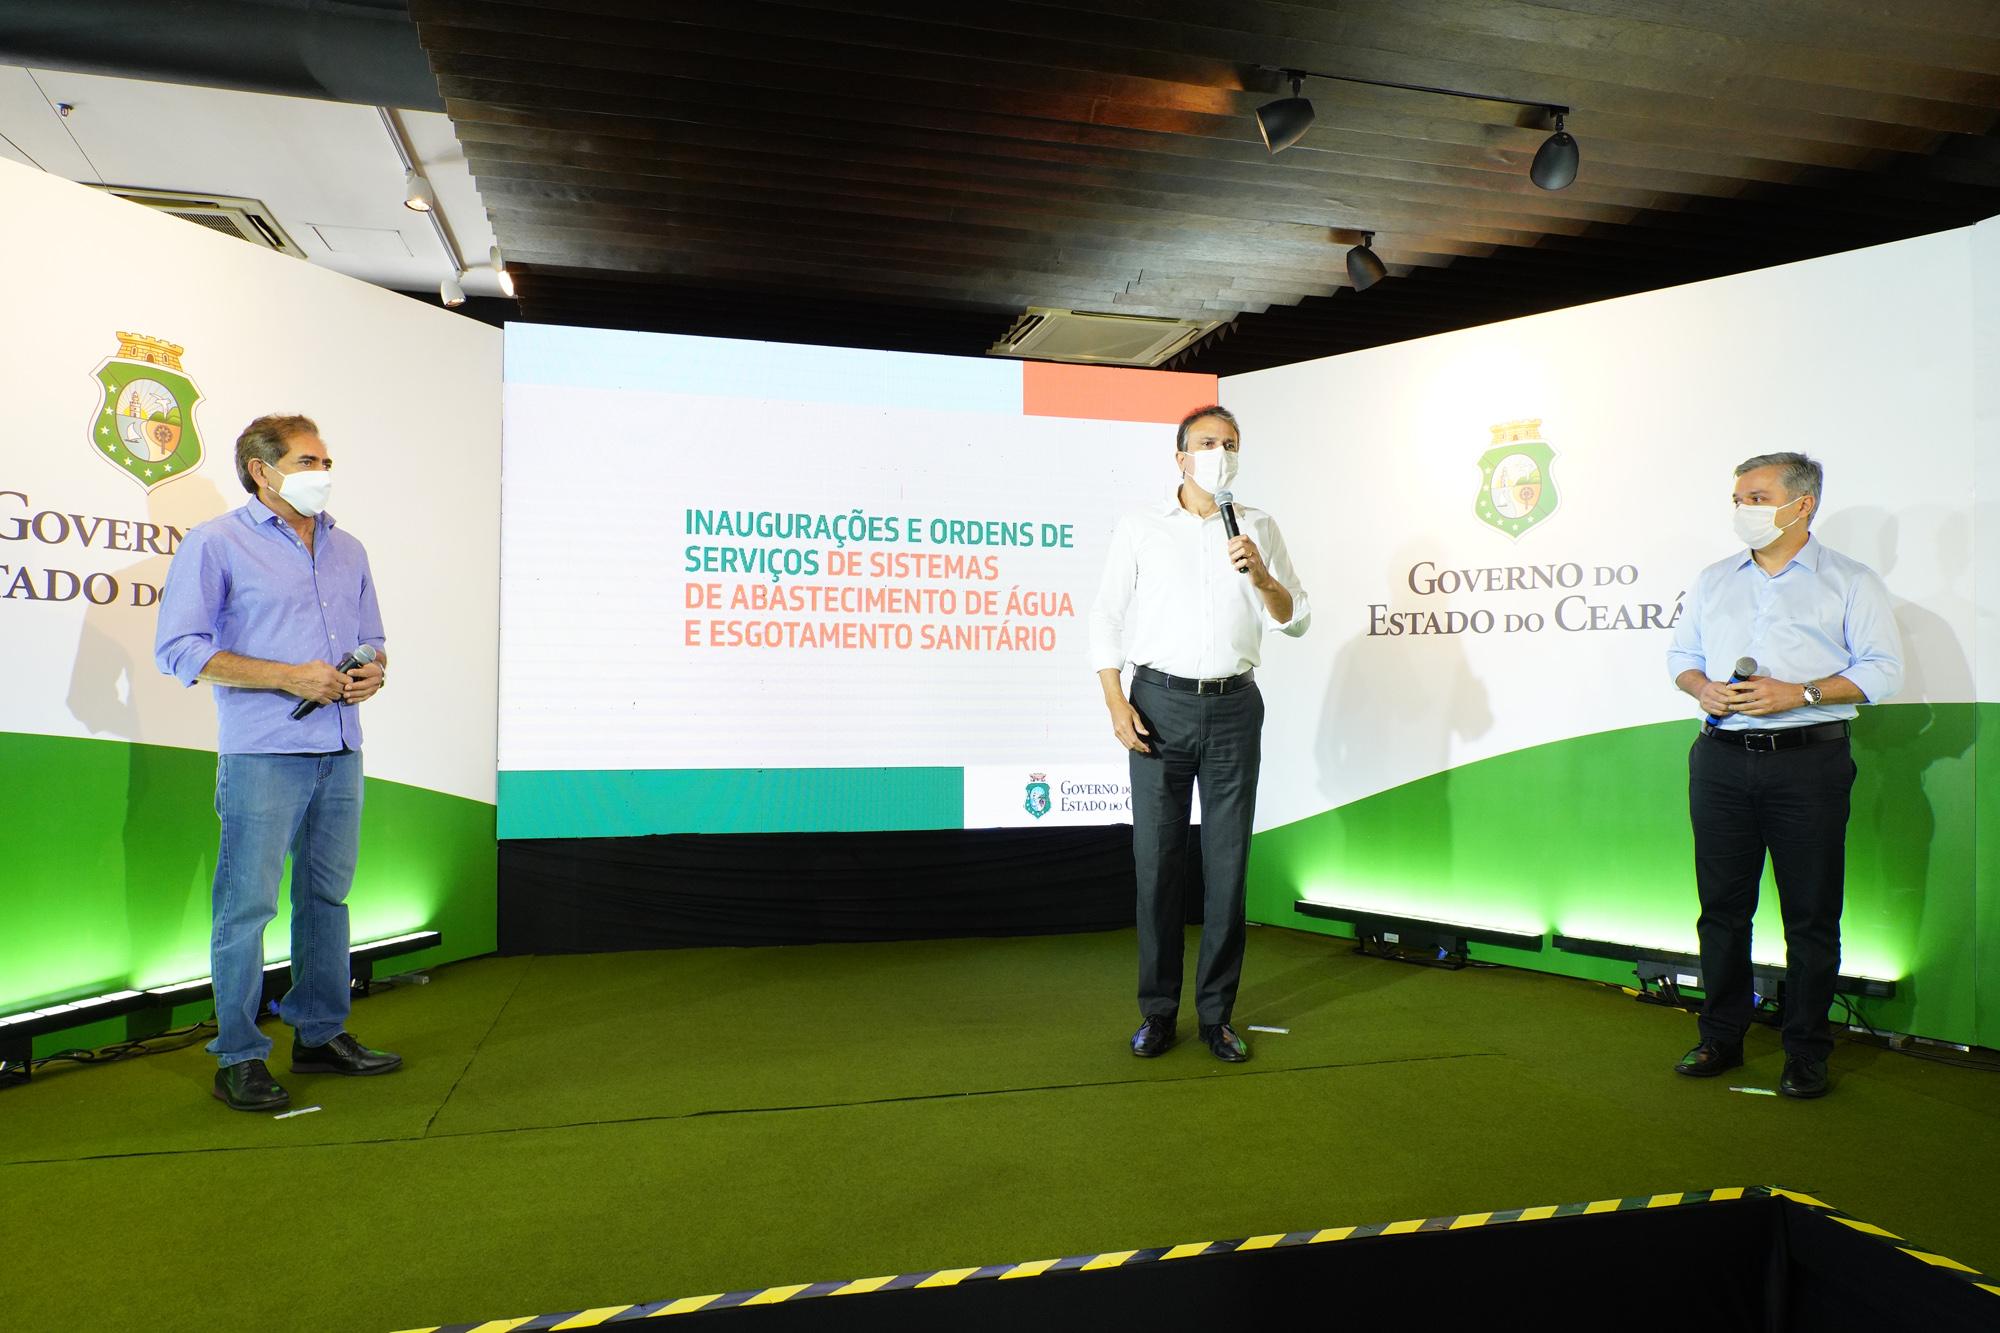 Com investimento de R$ 158 milhões, Governo do Ceará inaugura obras e autoriza novos sistemas de abastecimento d'água e esgoto